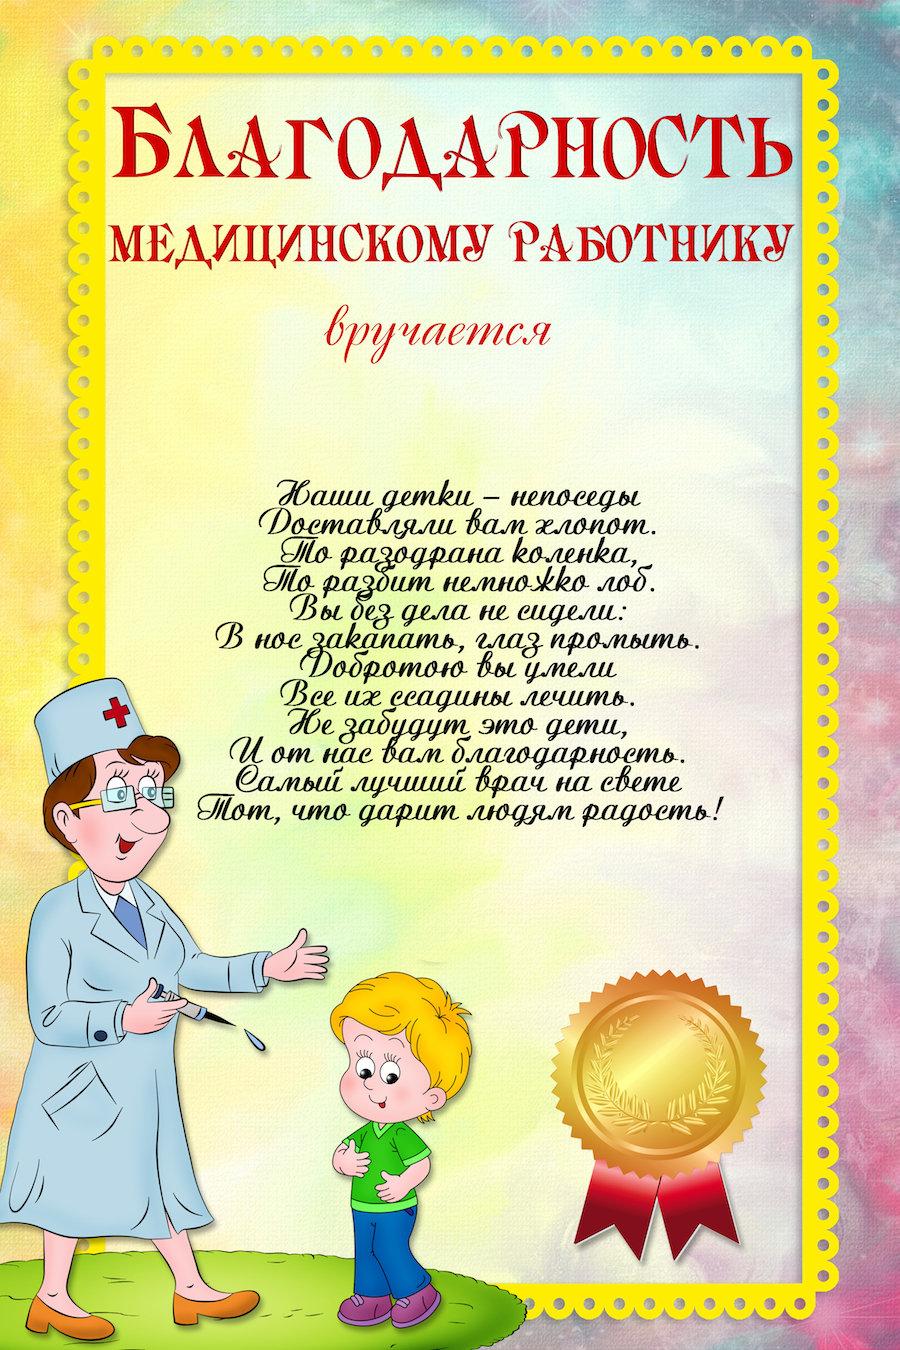 Открытки для работников детского сада на выпускной